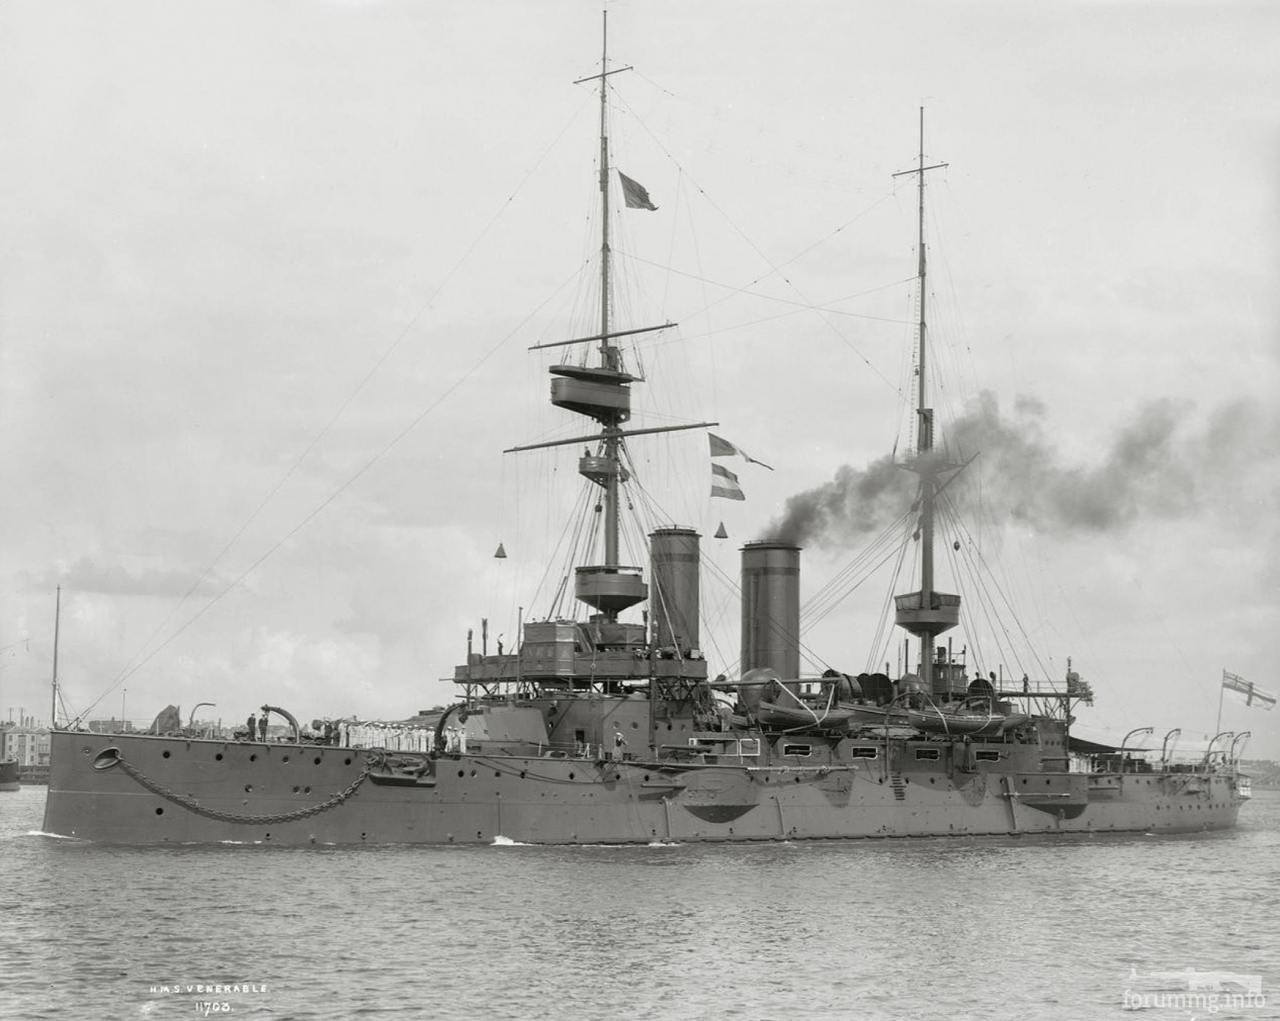 129592 - Броненосец HMS Venerable